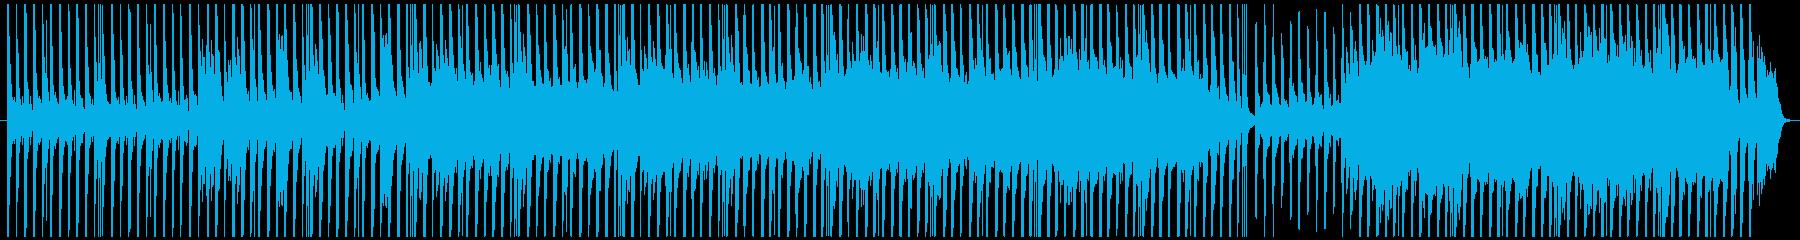 不思議な国に迷い込んだ時の曲の再生済みの波形